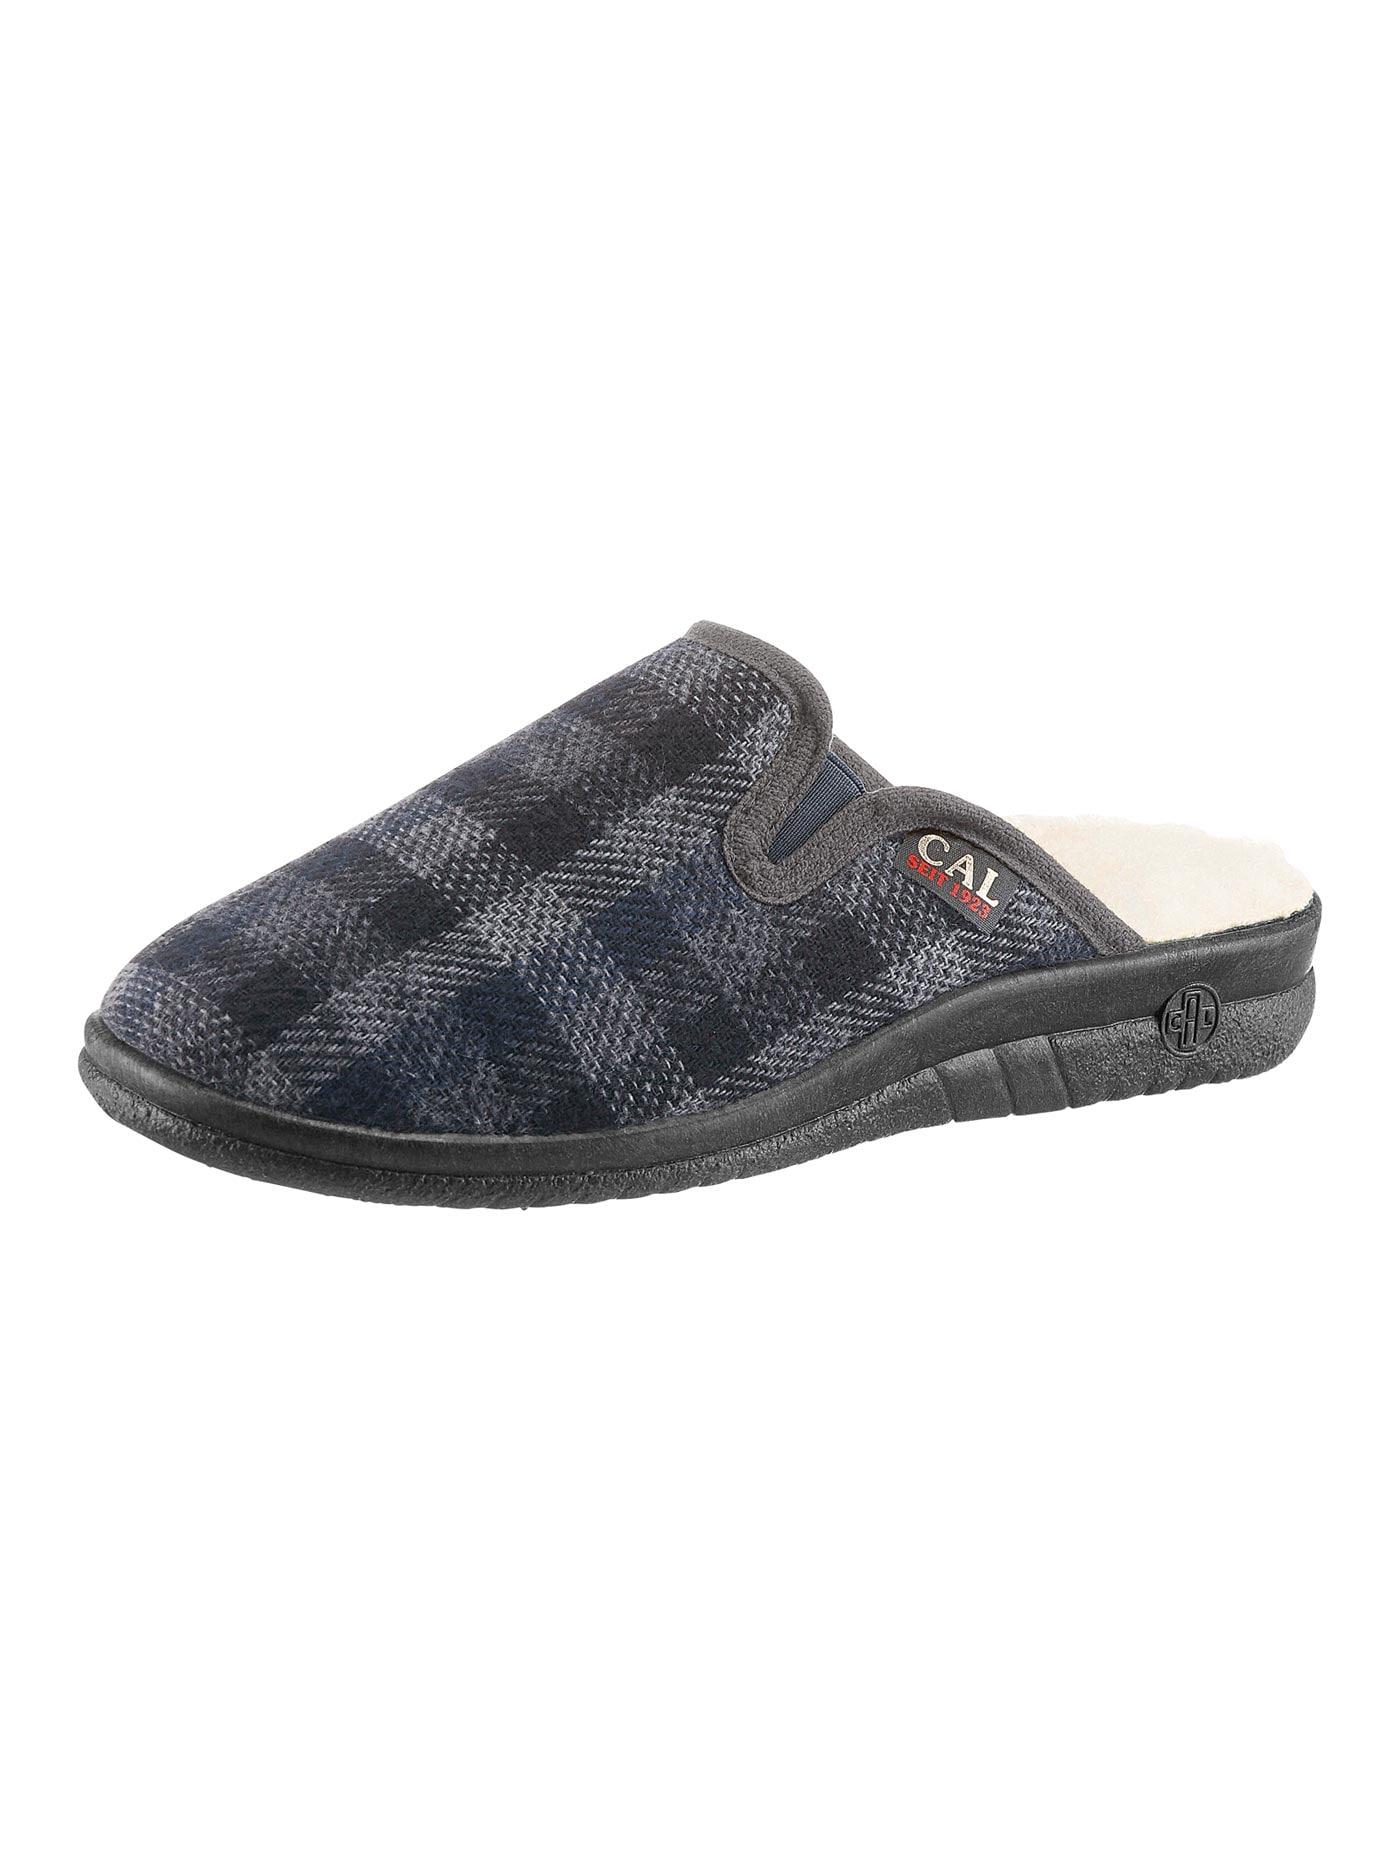 Landgraf Pantoffel mit Wörishofer Fußbett | Schuhe > Hausschuhe > Pantoffeln | Grau | Classic